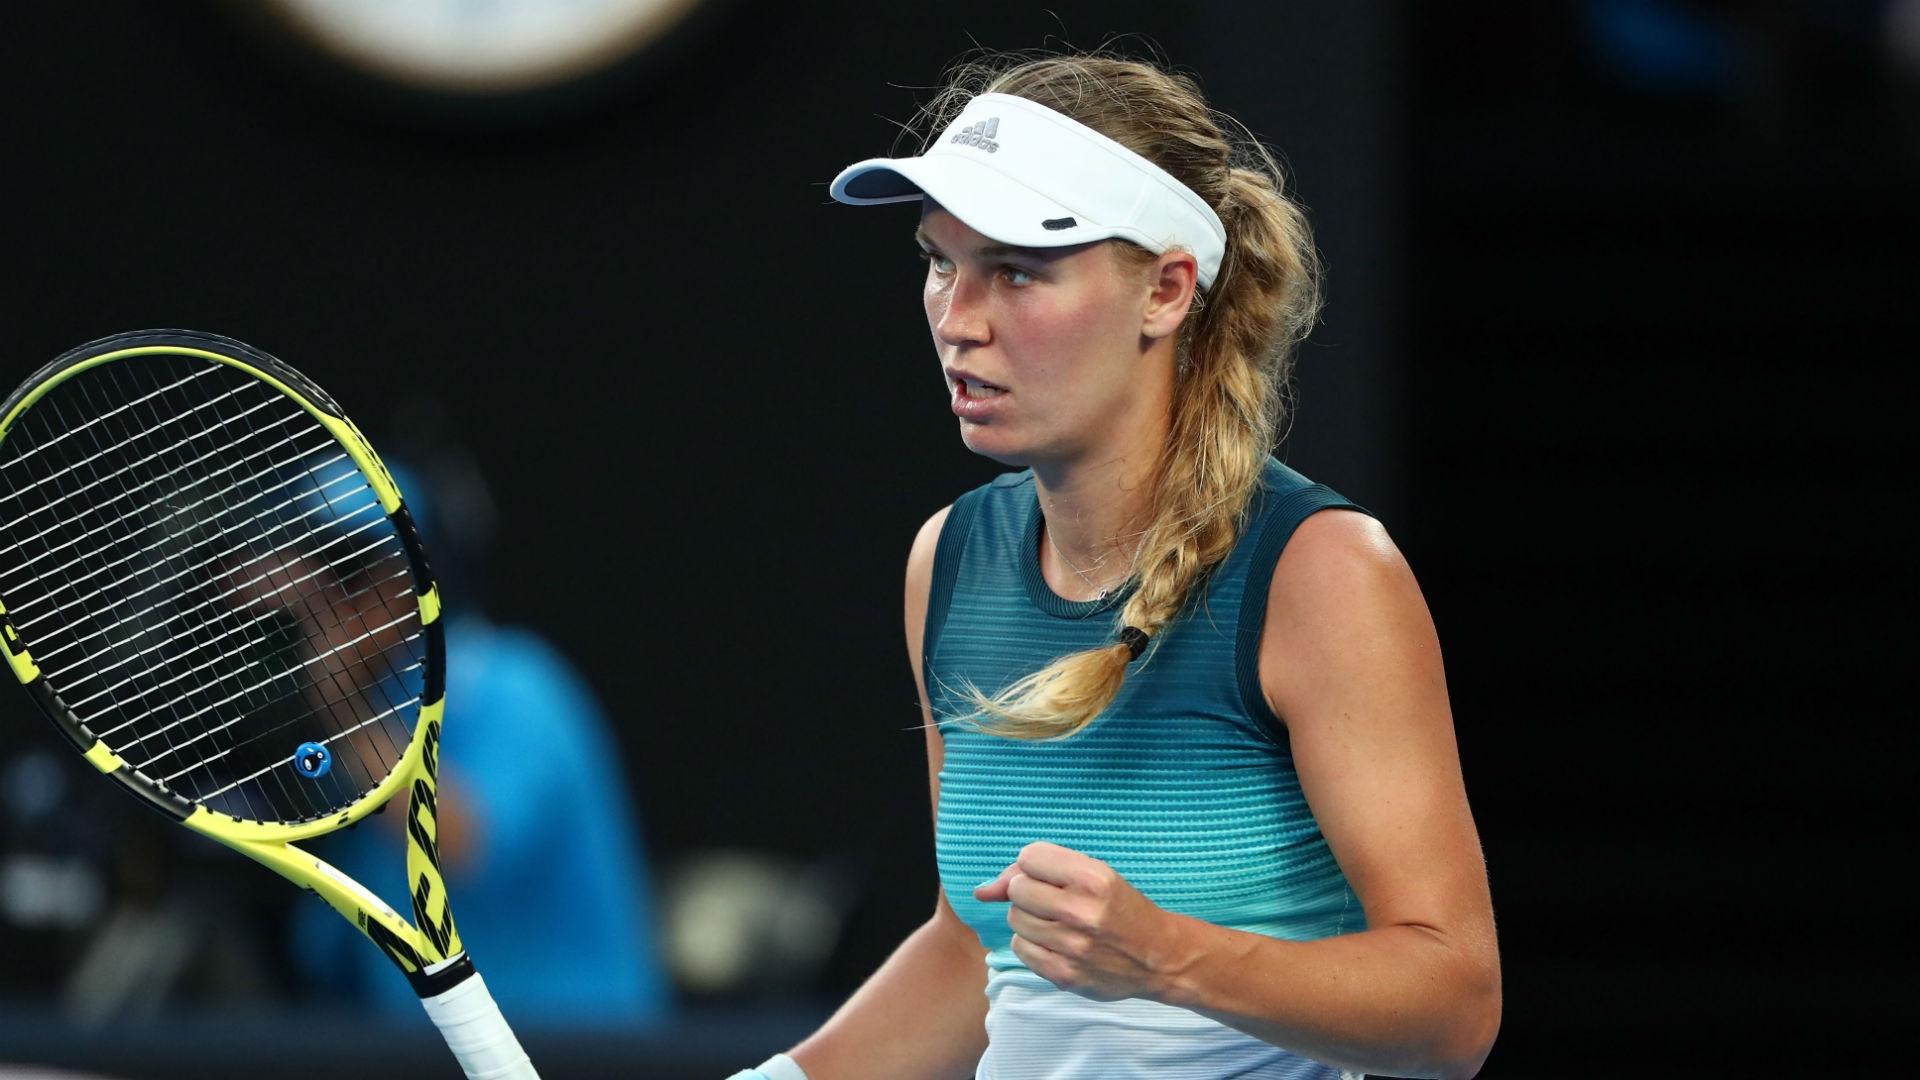 Australian Open Day 5: Value On Wozniacki To Take Down Sharapova